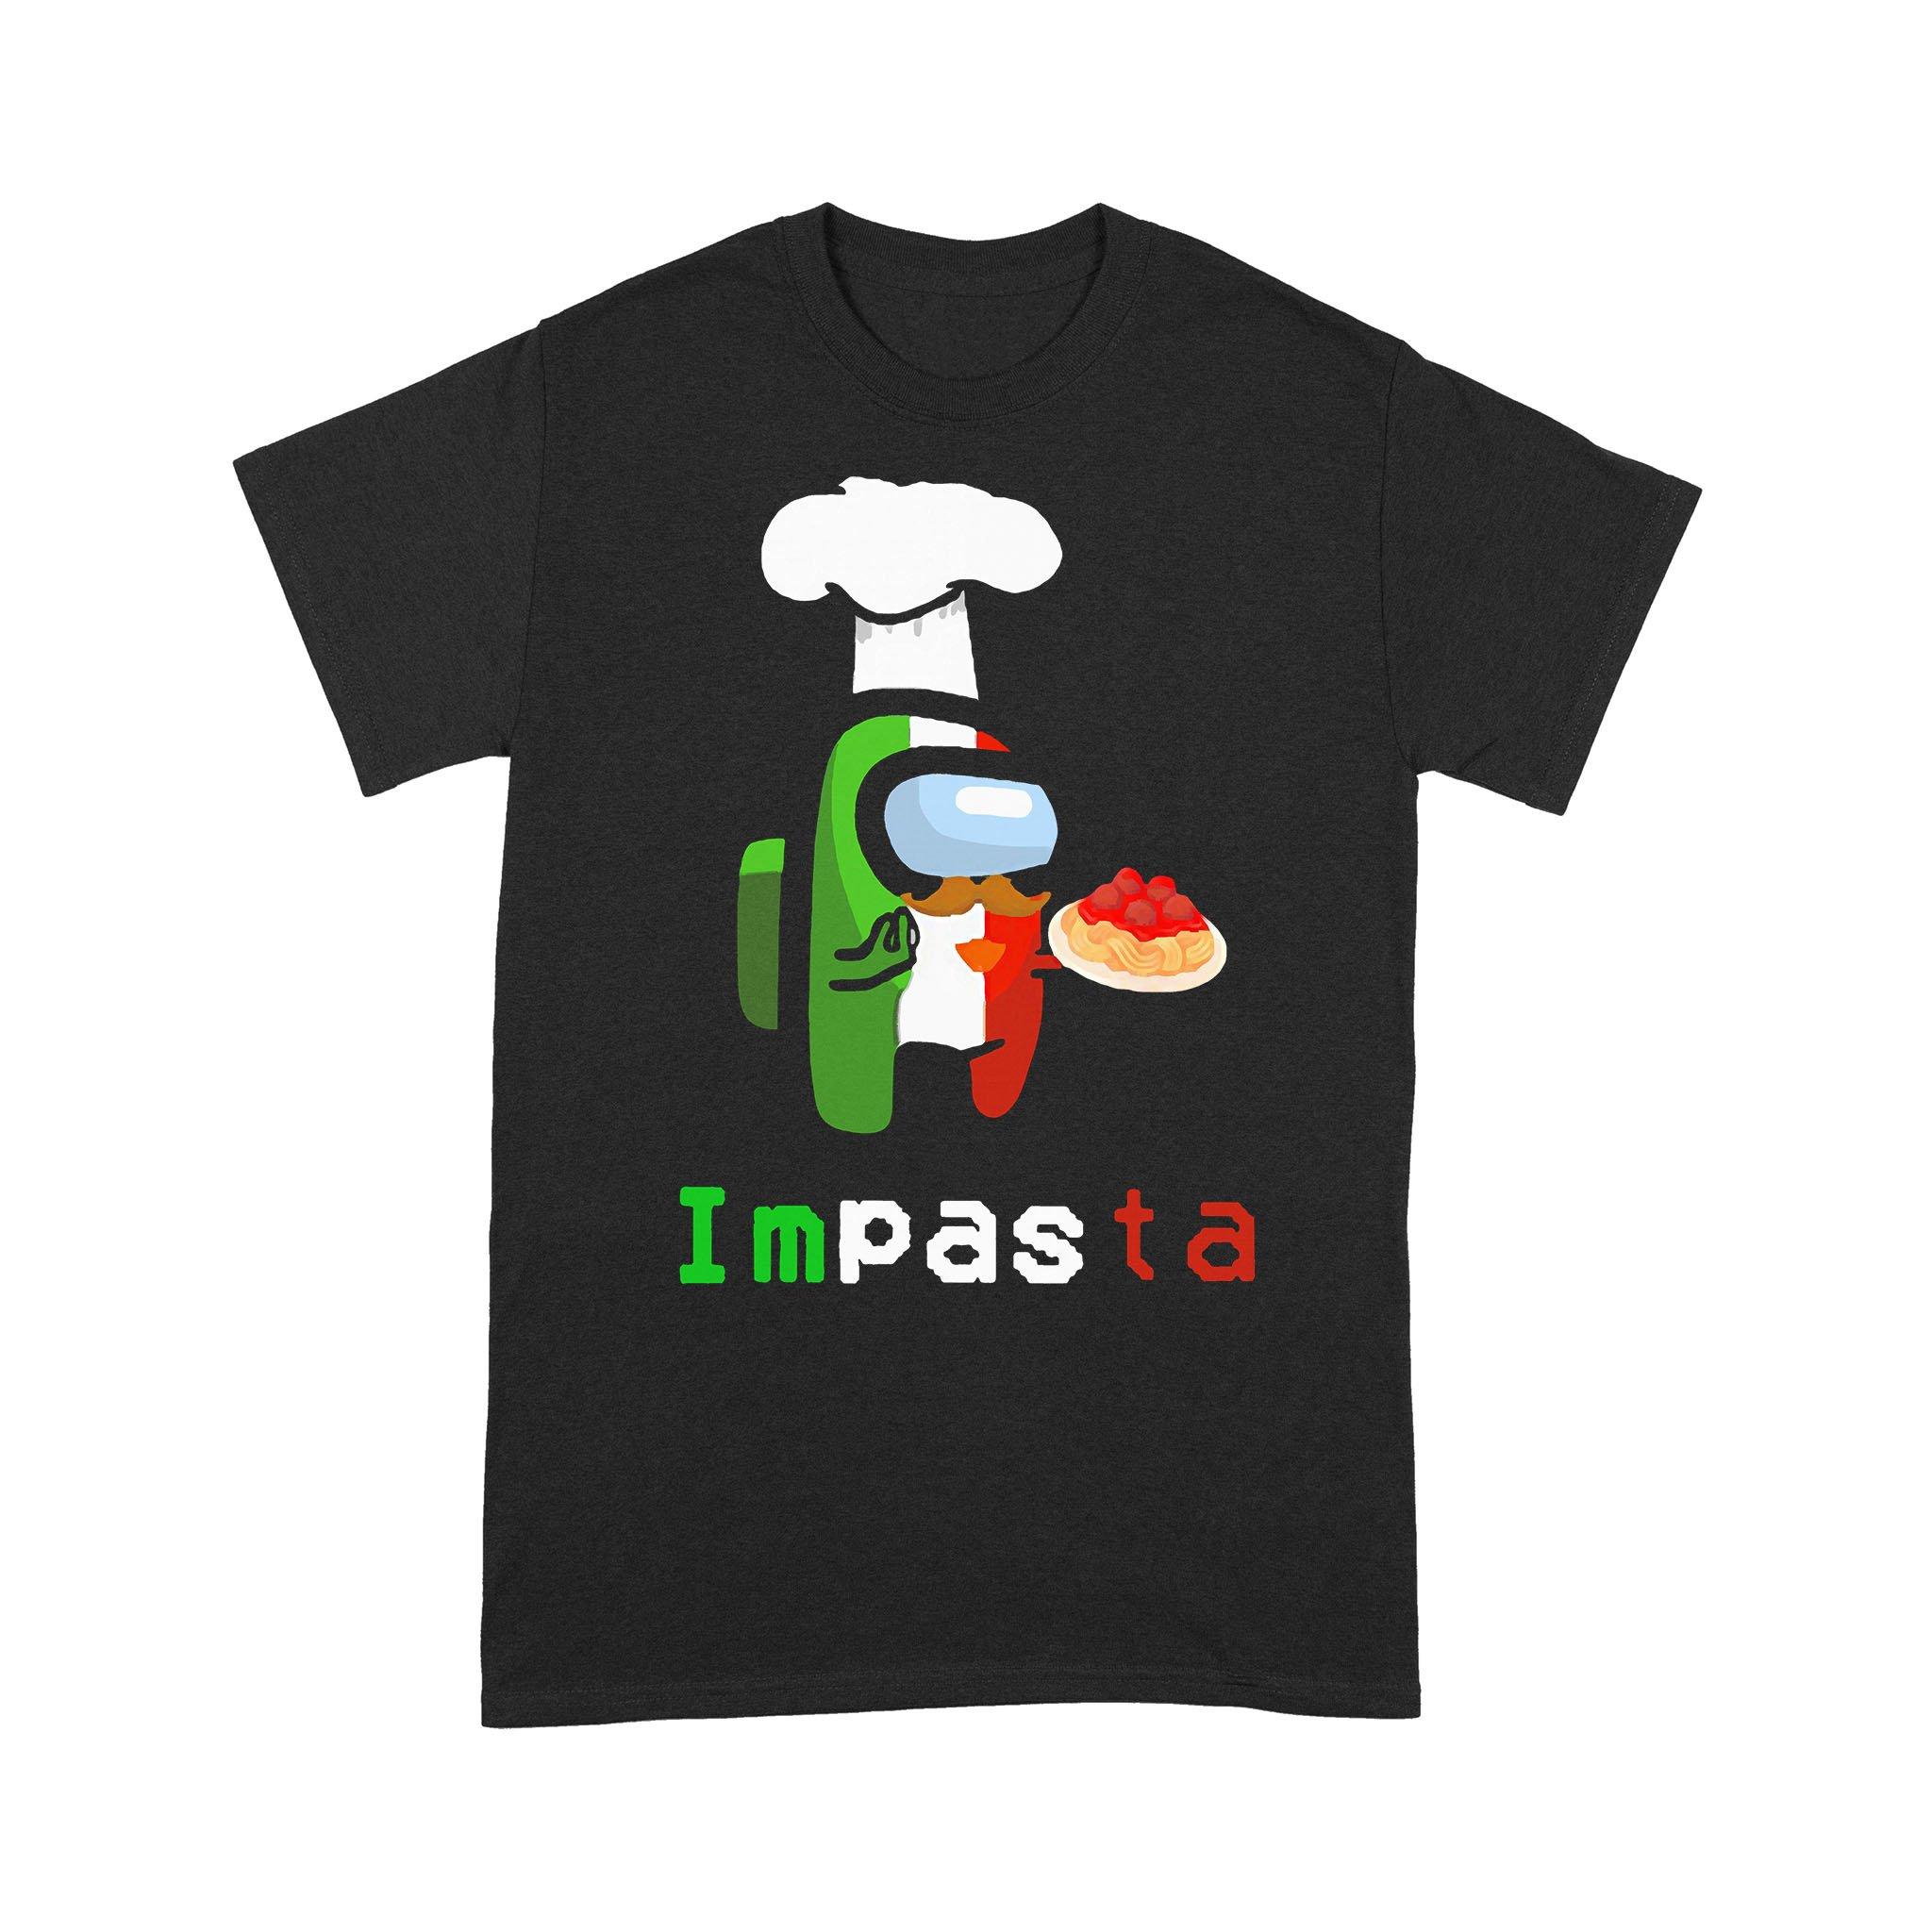 Impasta Italian Us Impostor Essential Funny 2020 T-shirt